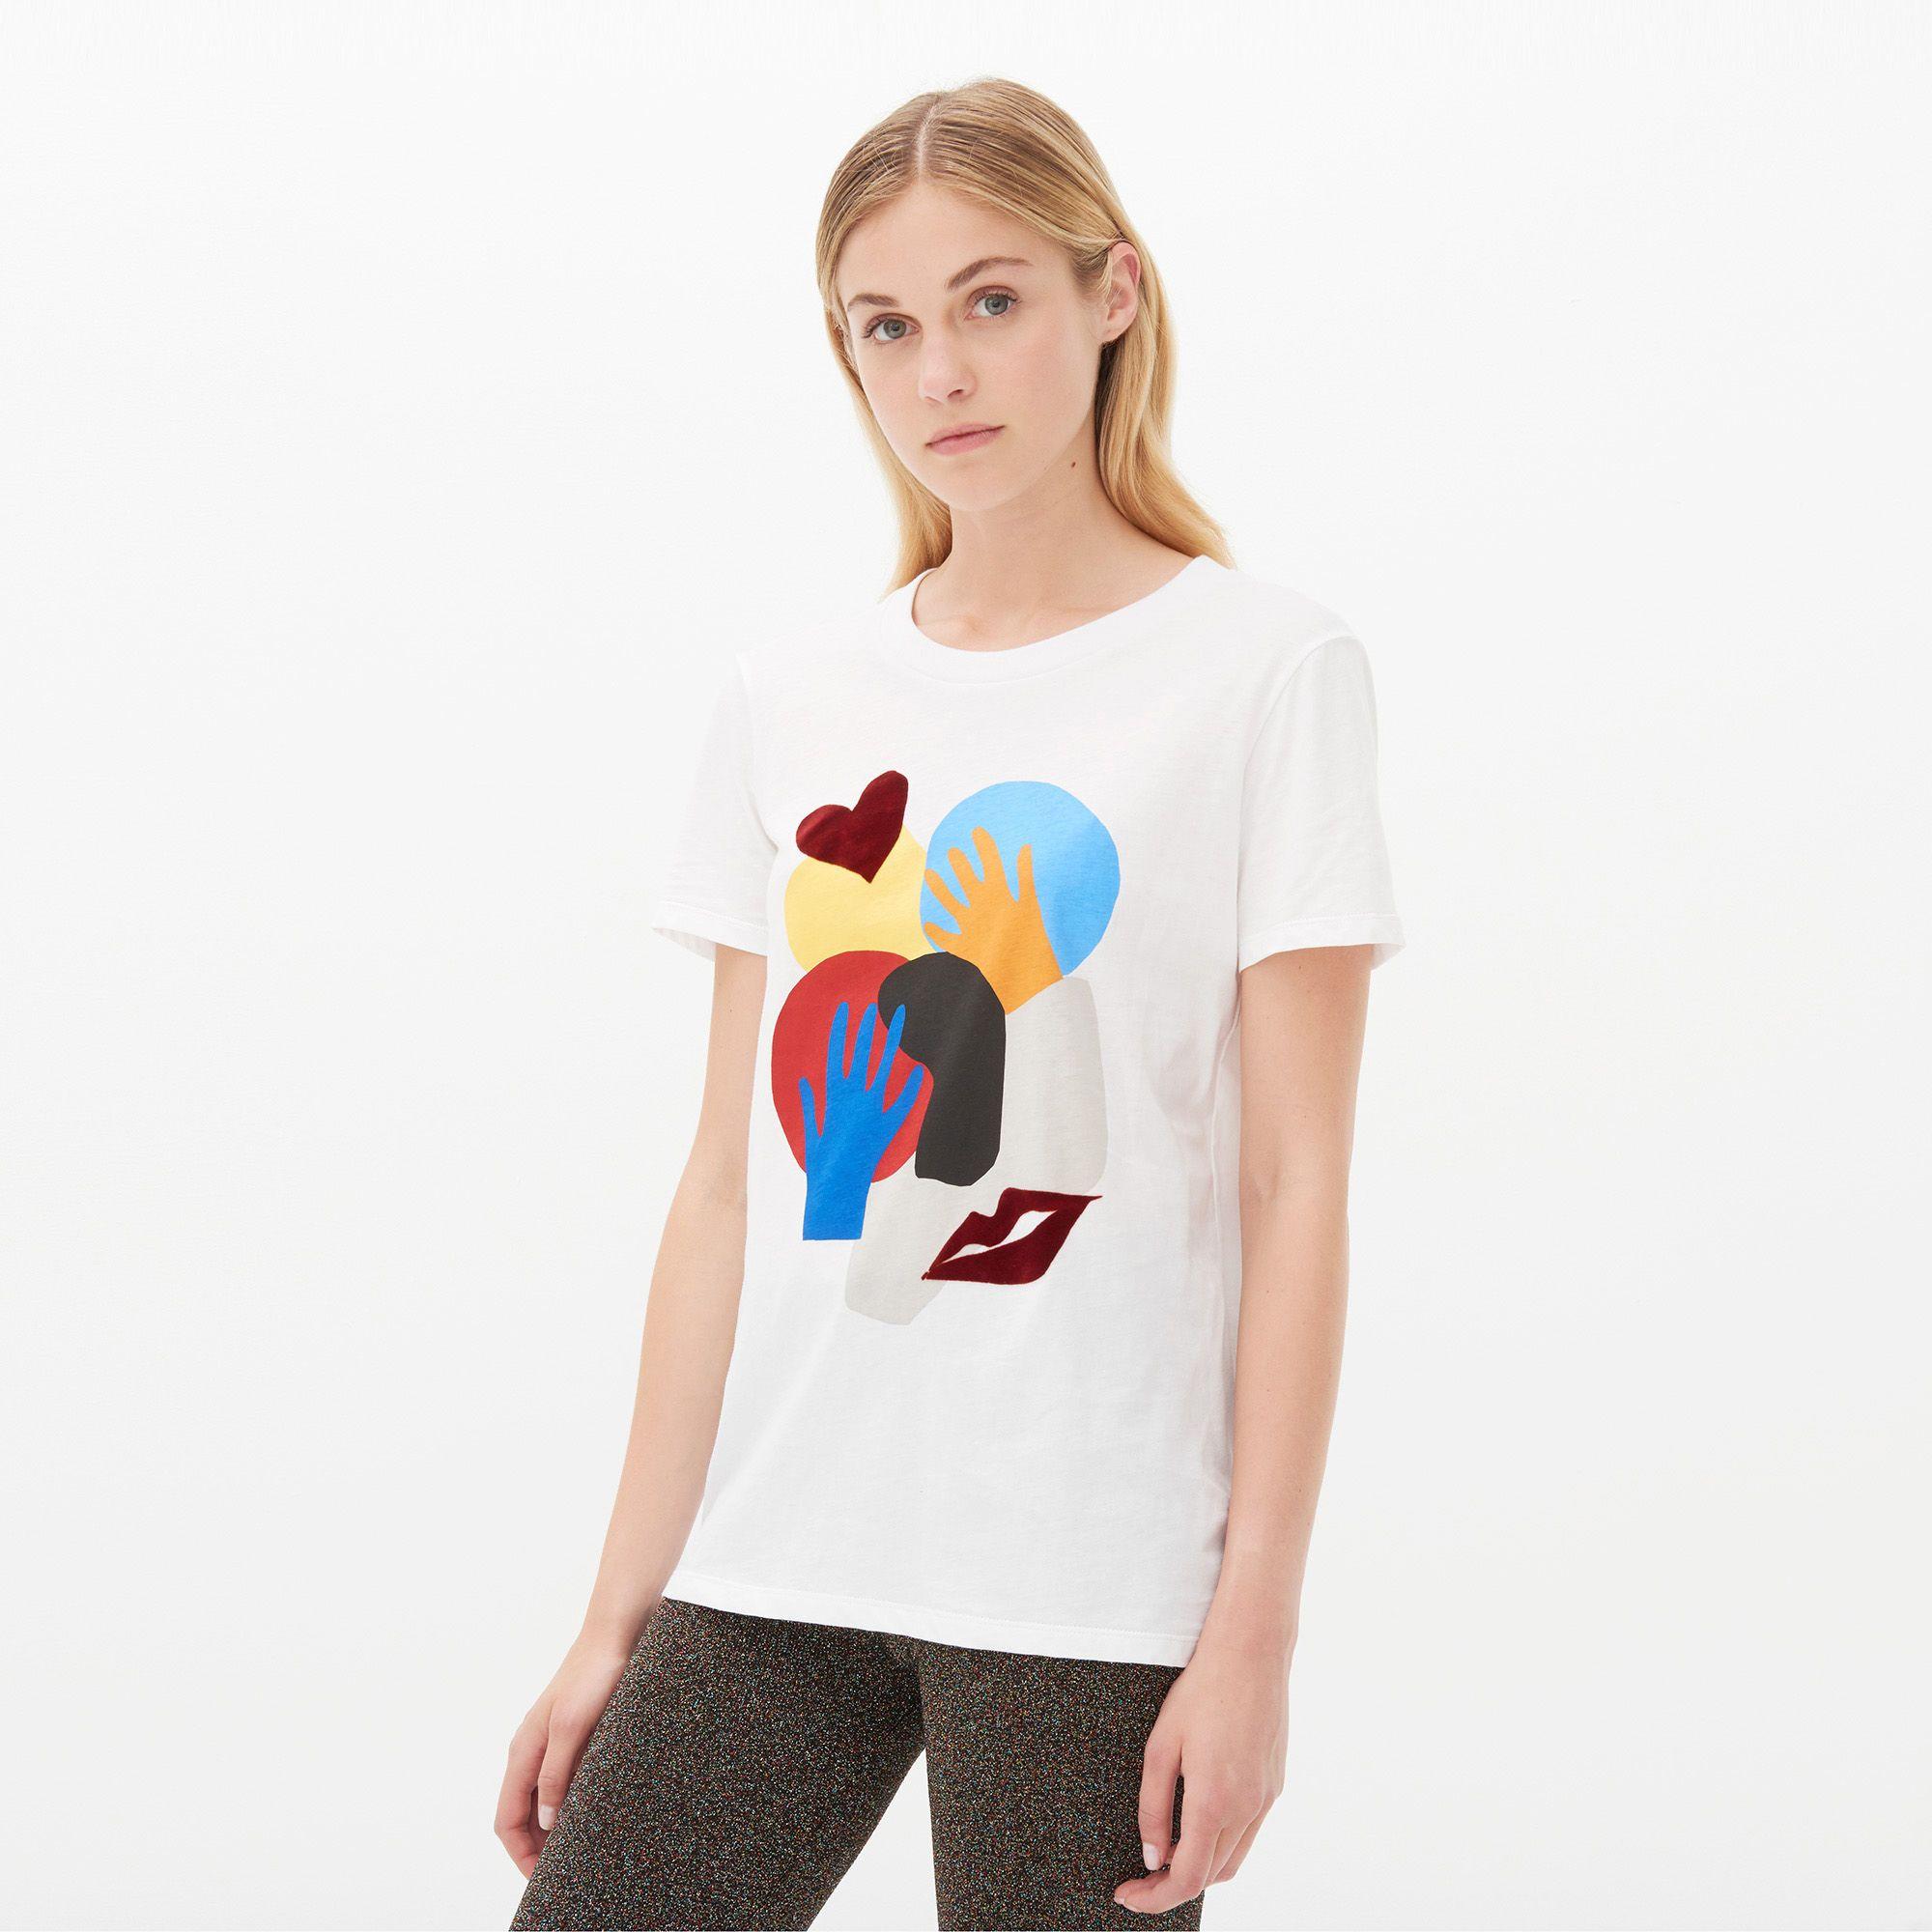 Блондинка в белой футболке с пандой в руке фото 286-204